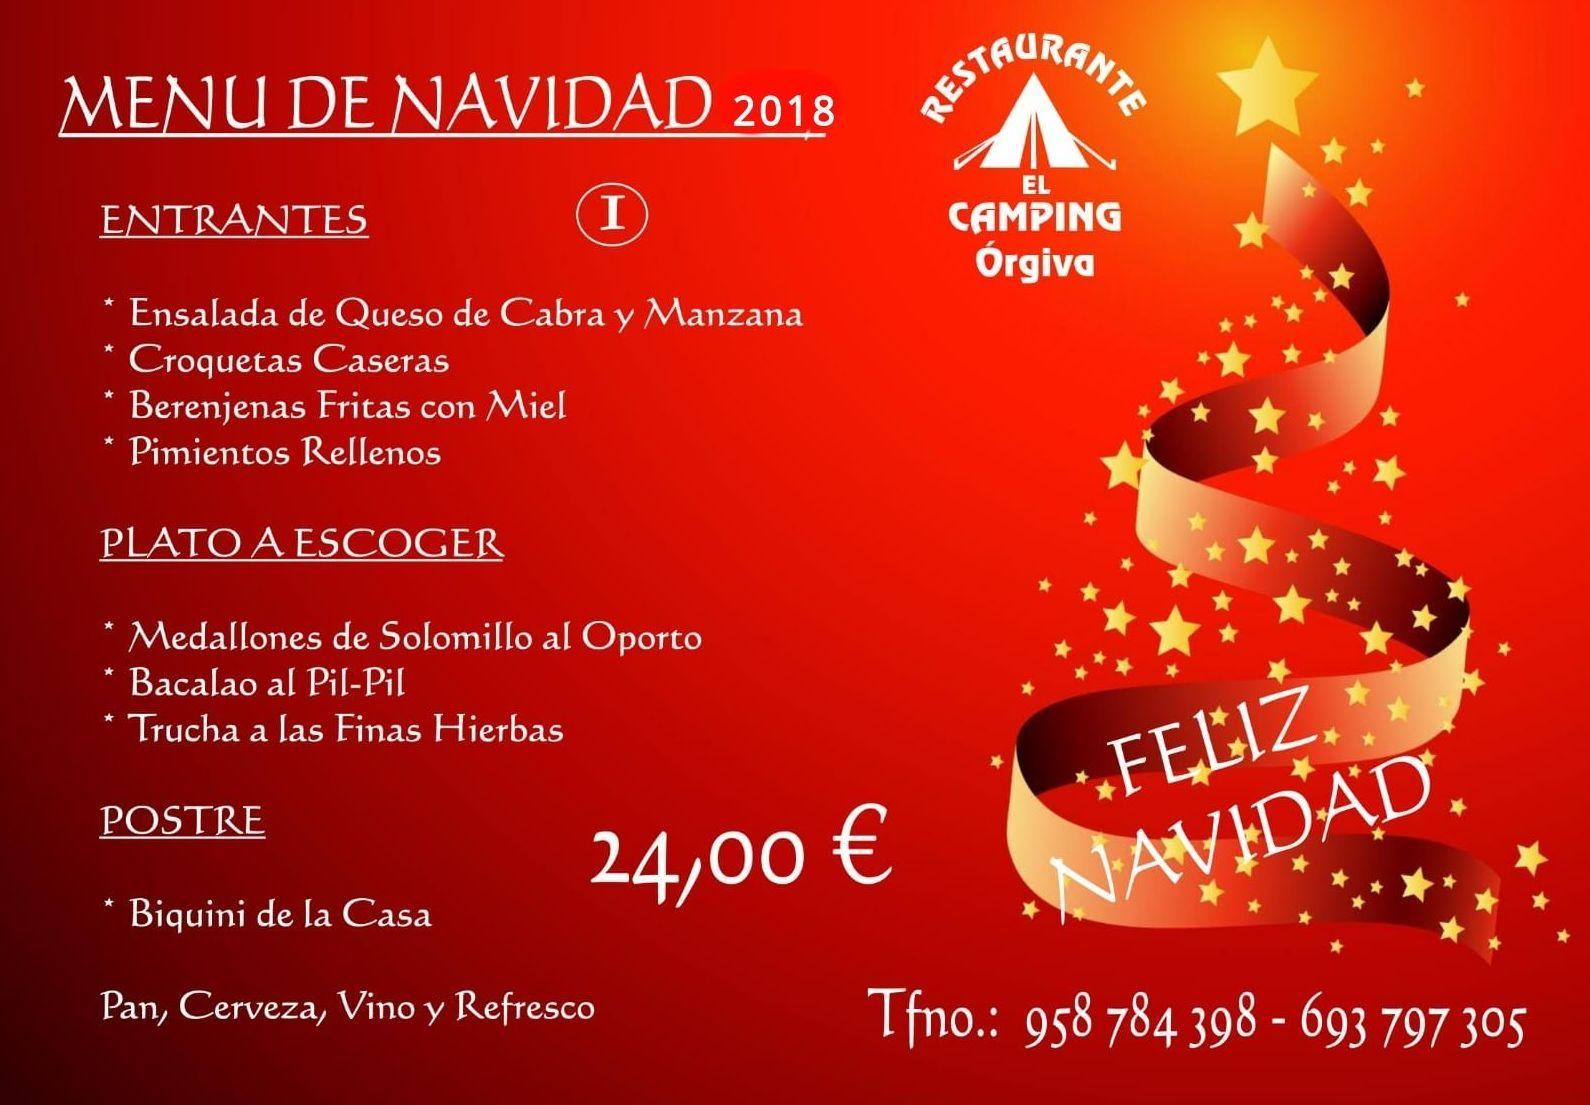 Menú de Navidad 2018  -  24, 00 €: Carta de Restaurante El Camping Órgiva